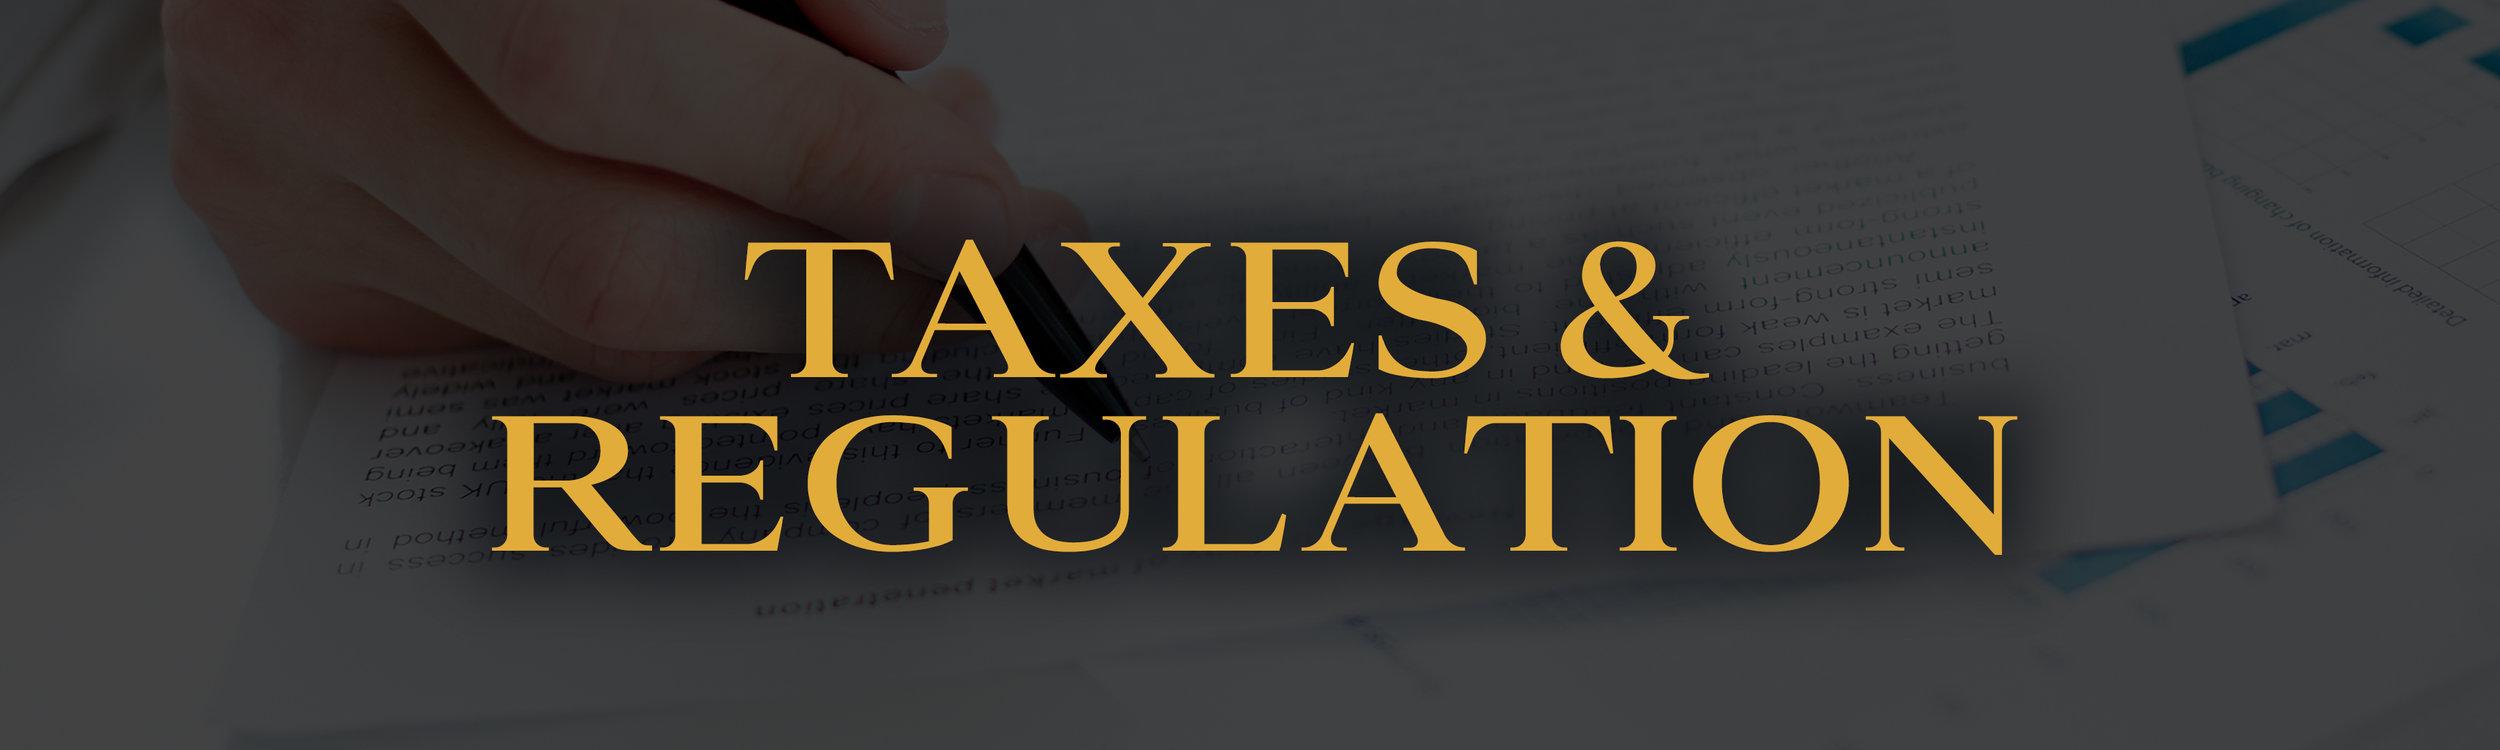 banner_taxes.jpg